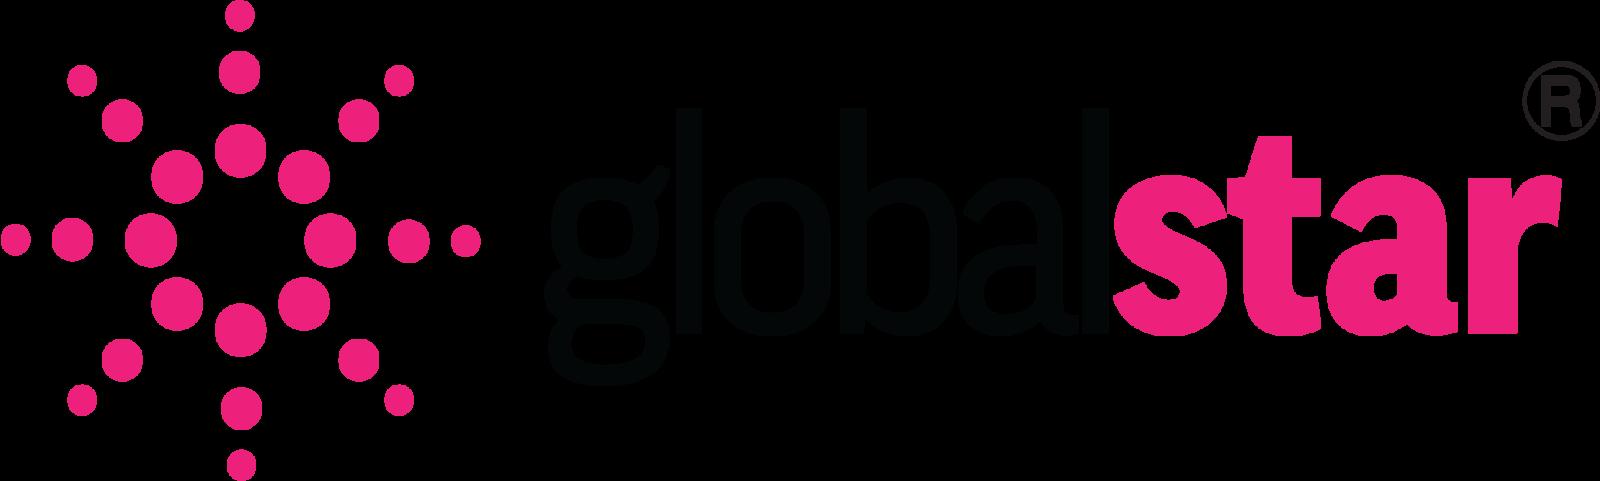 جلوبال ستار - Global Star